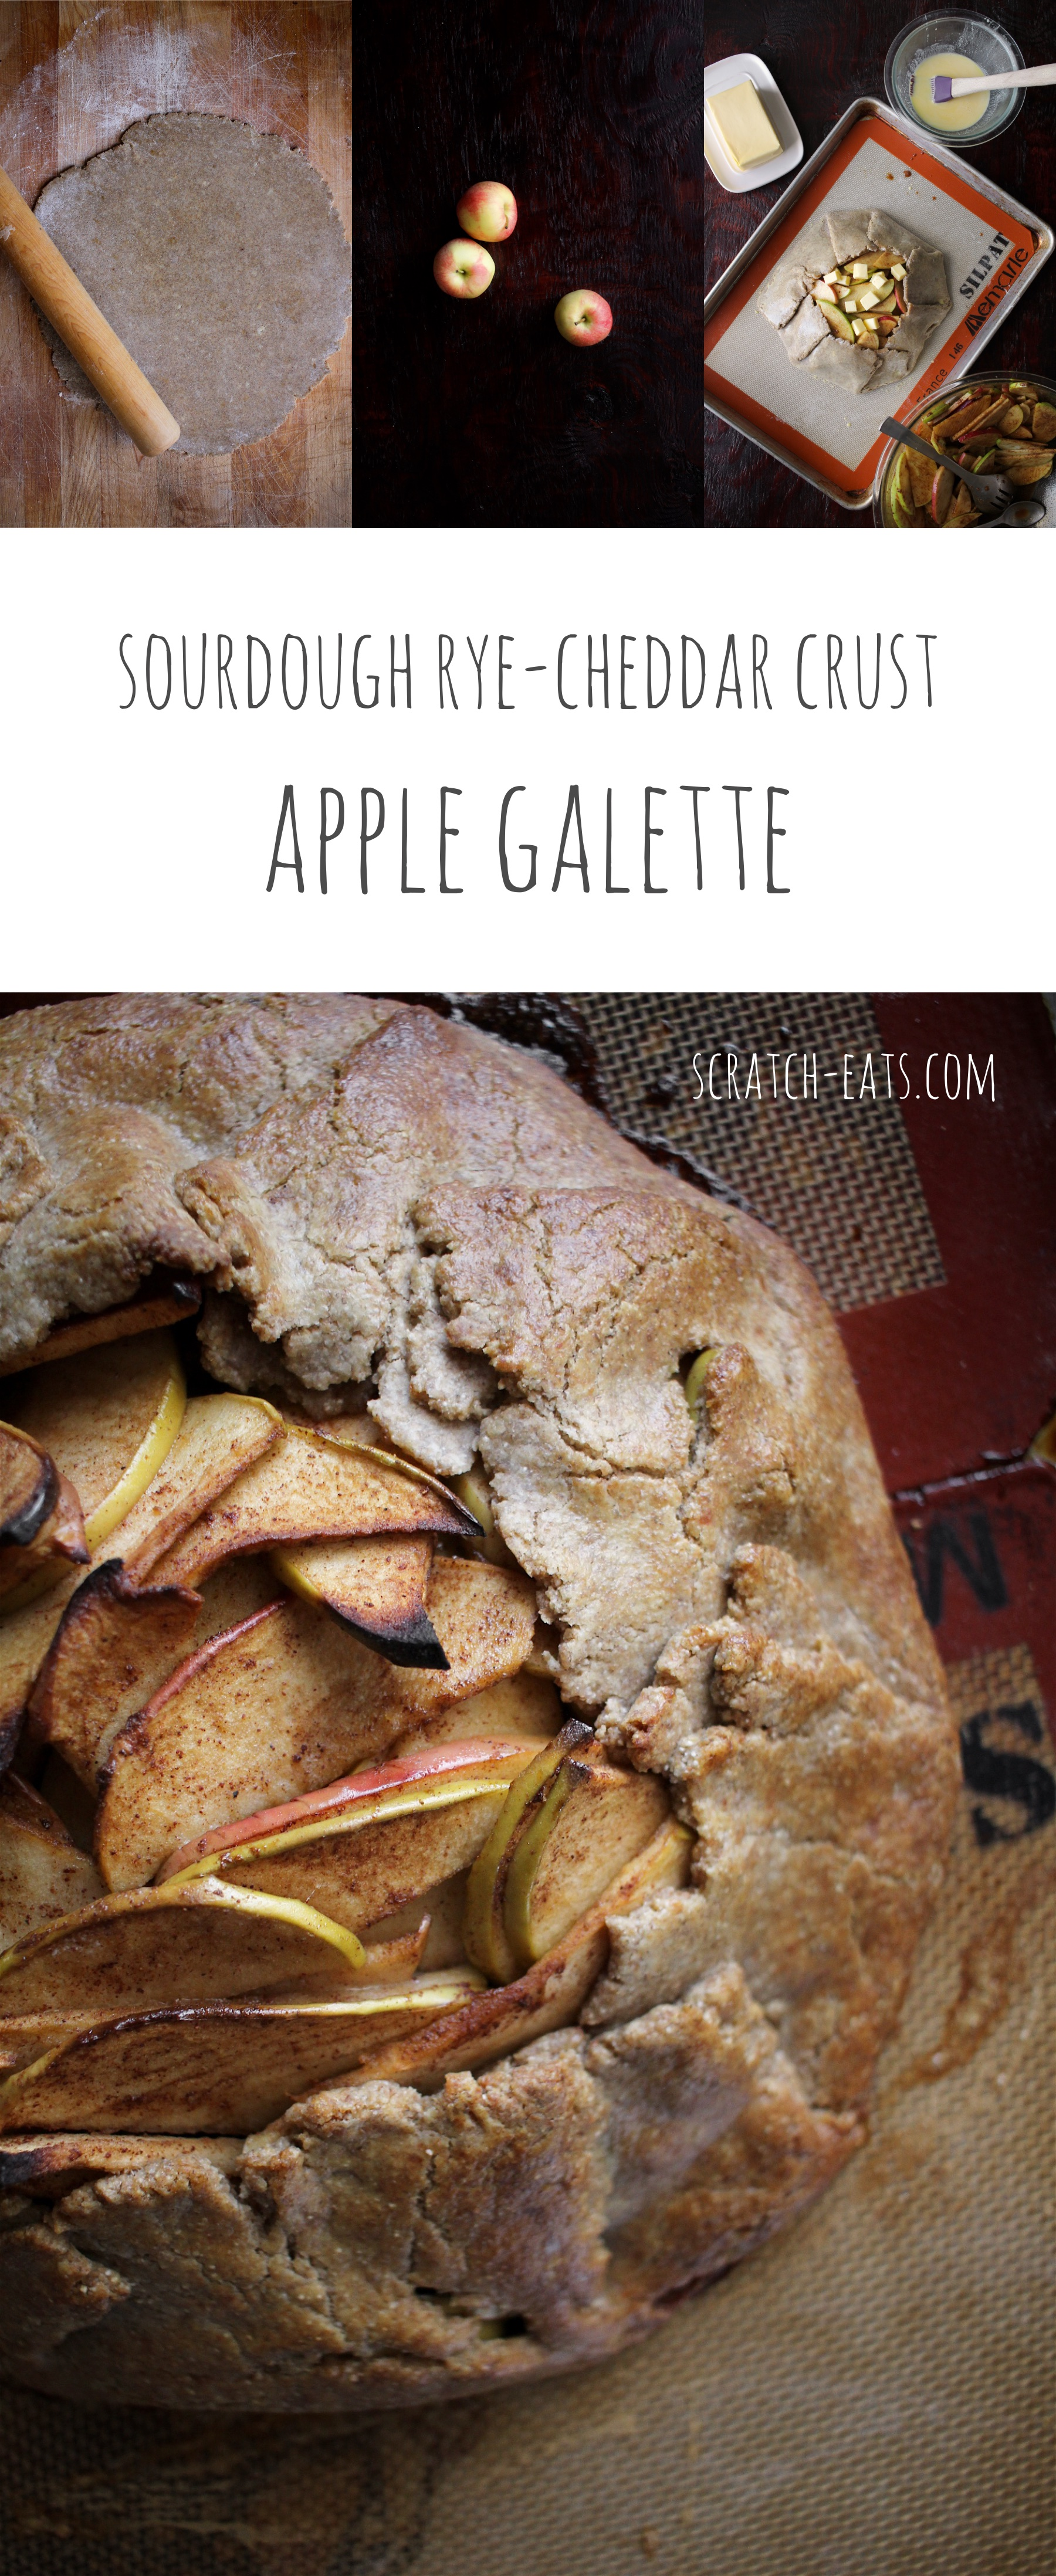 Sourdough Rye-Cheddar Crust Apple Galette